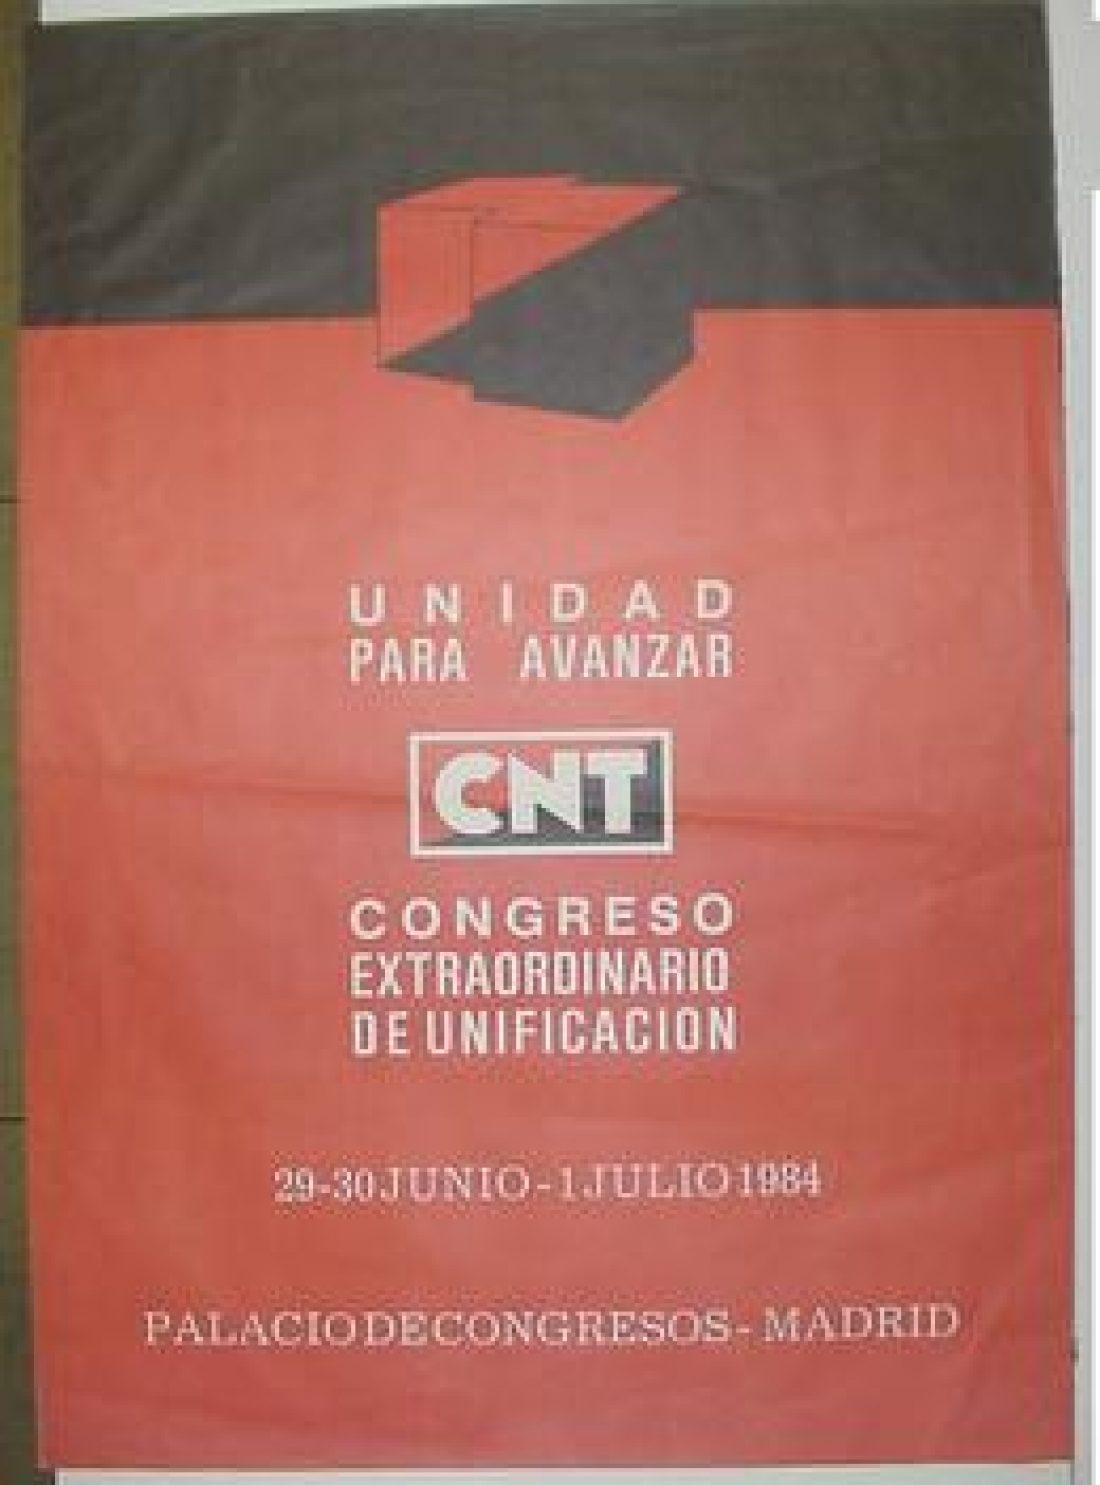 IX Congreso Extraordinario Unificación Madrid 1984